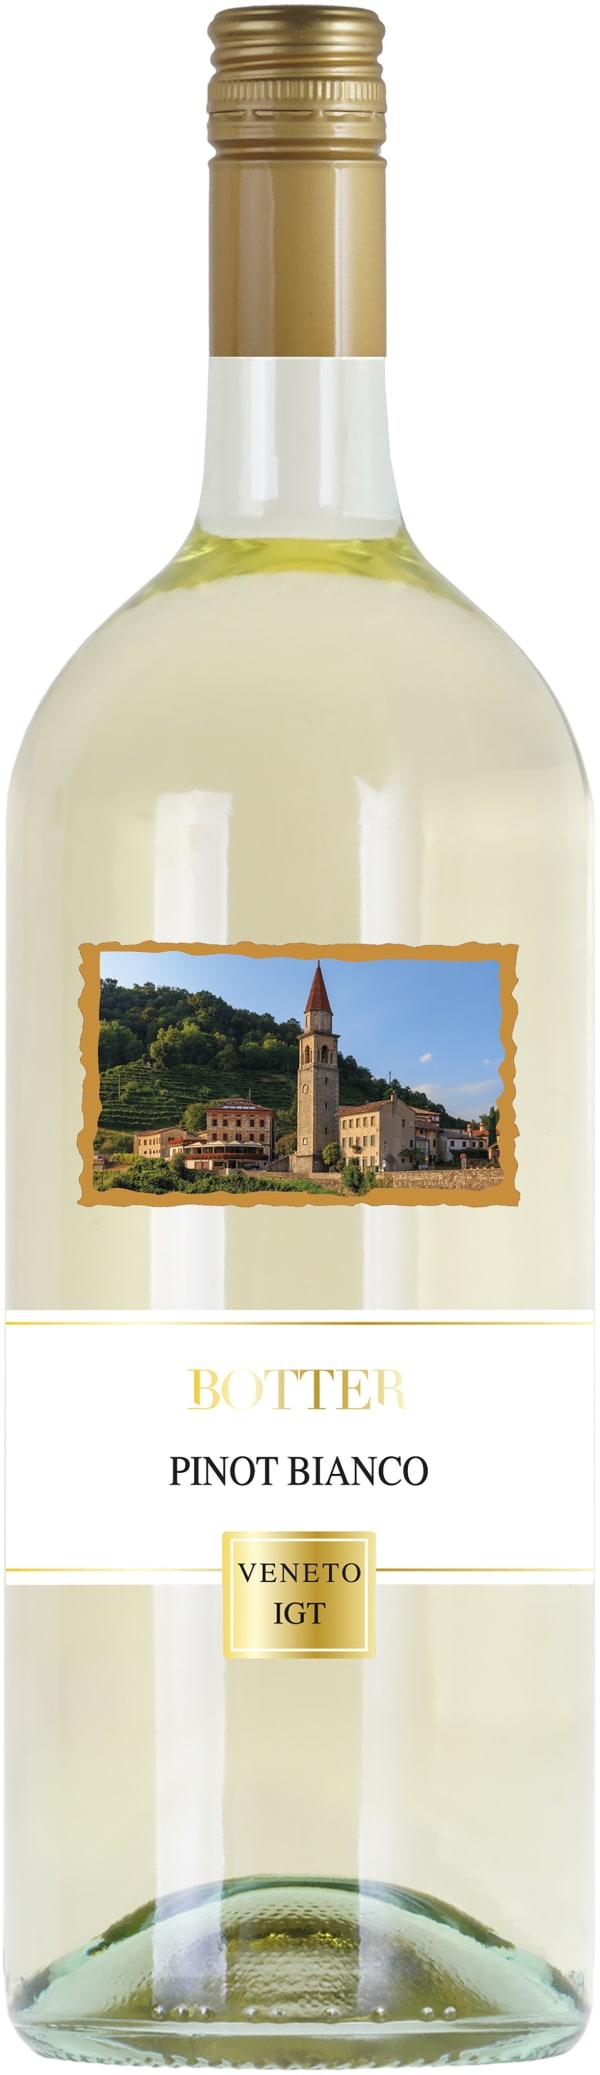 Botter Pinot Bianco 2016